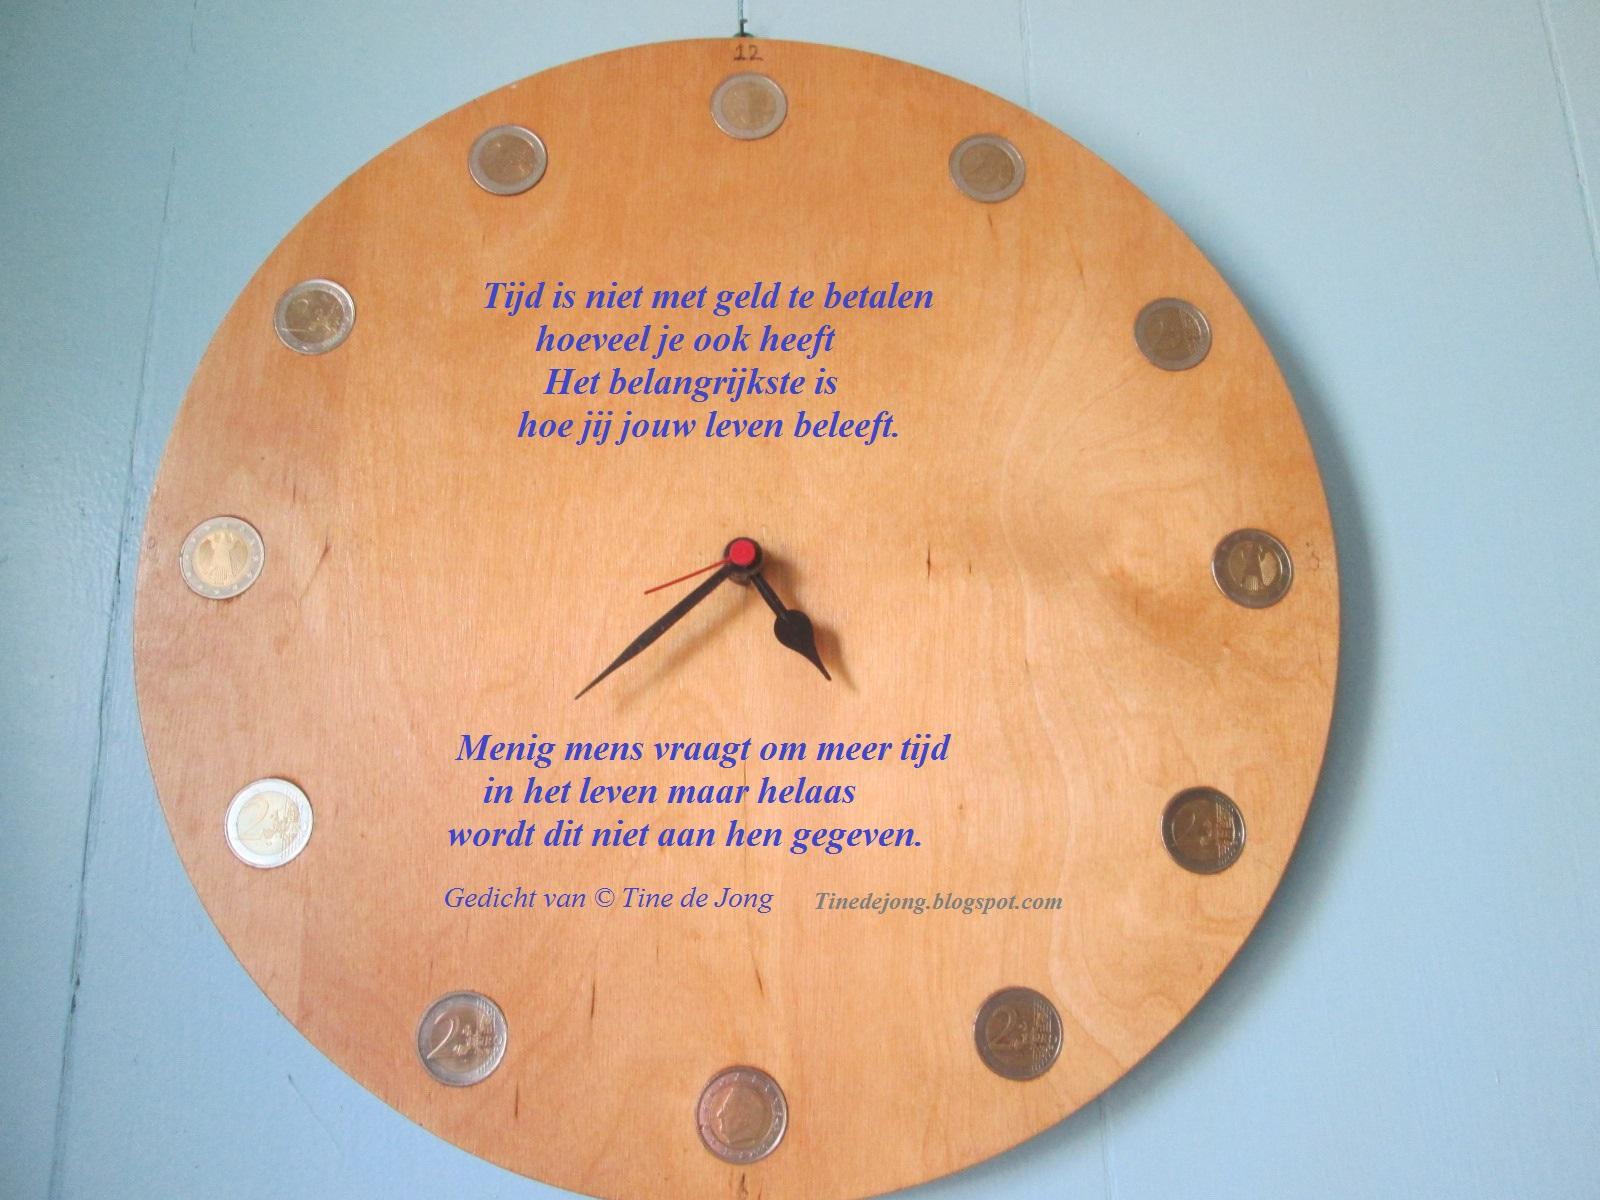 spreuken en gezegden over tijd Wat betekent tijd voor jou ? | Gedichten en verhalen uit het leven spreuken en gezegden over tijd